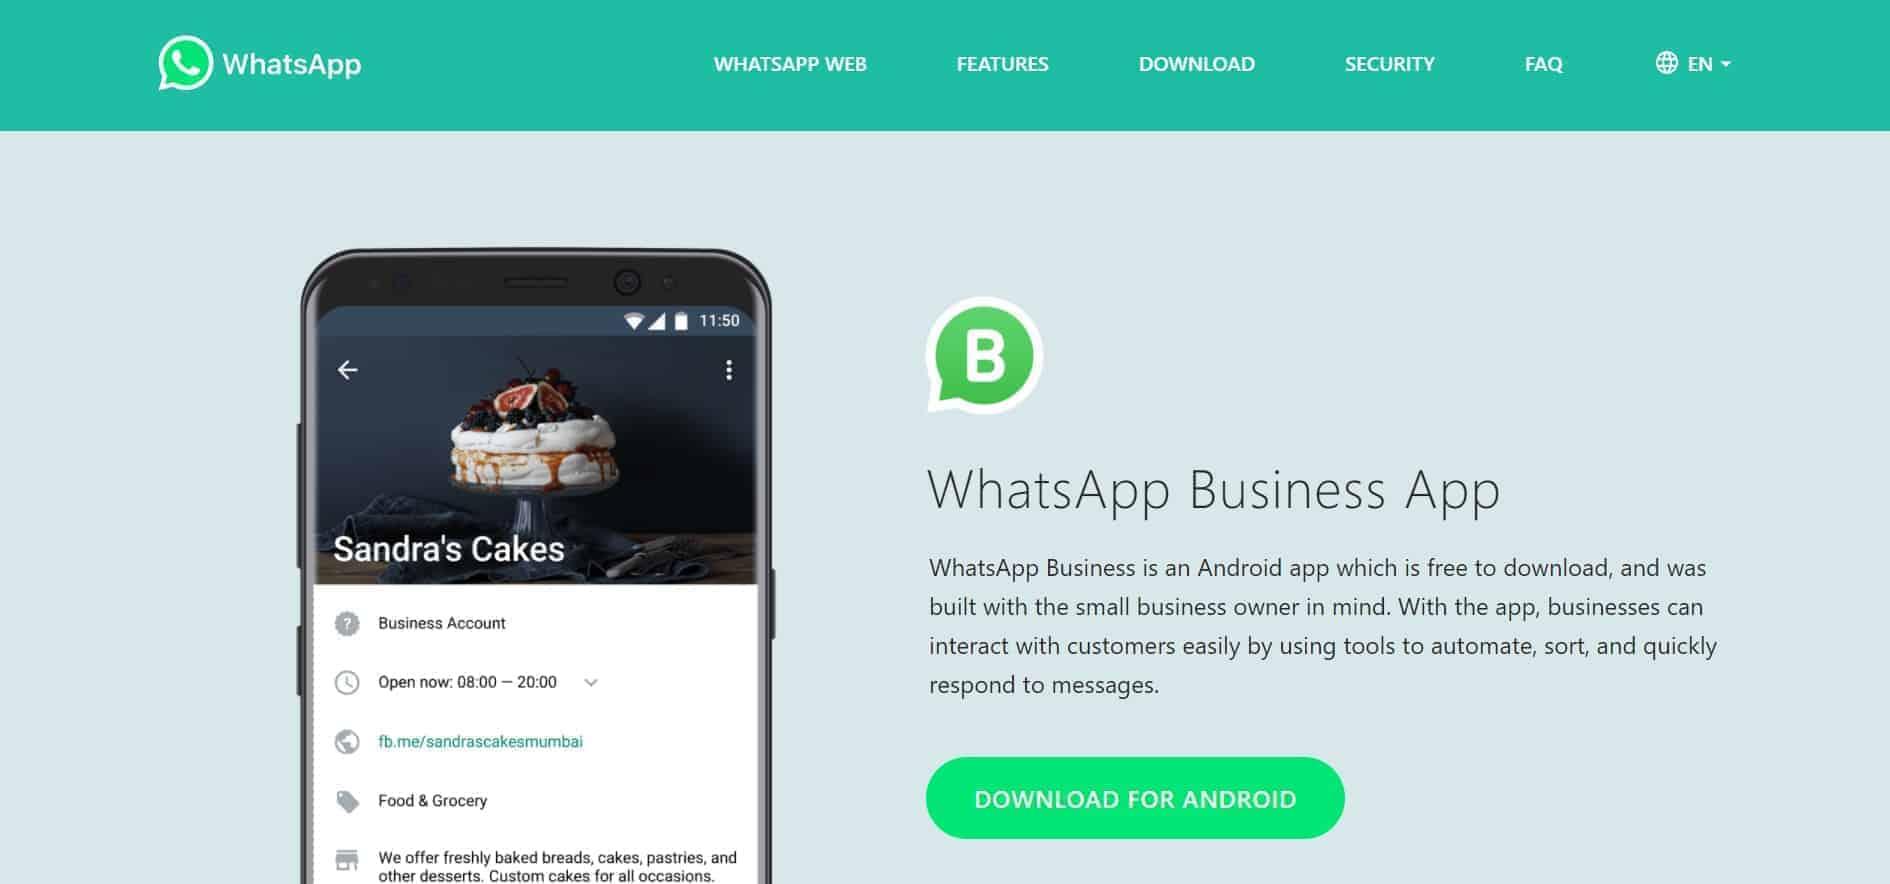 Como usar o WhatsApp com vários usuários simultaneamente